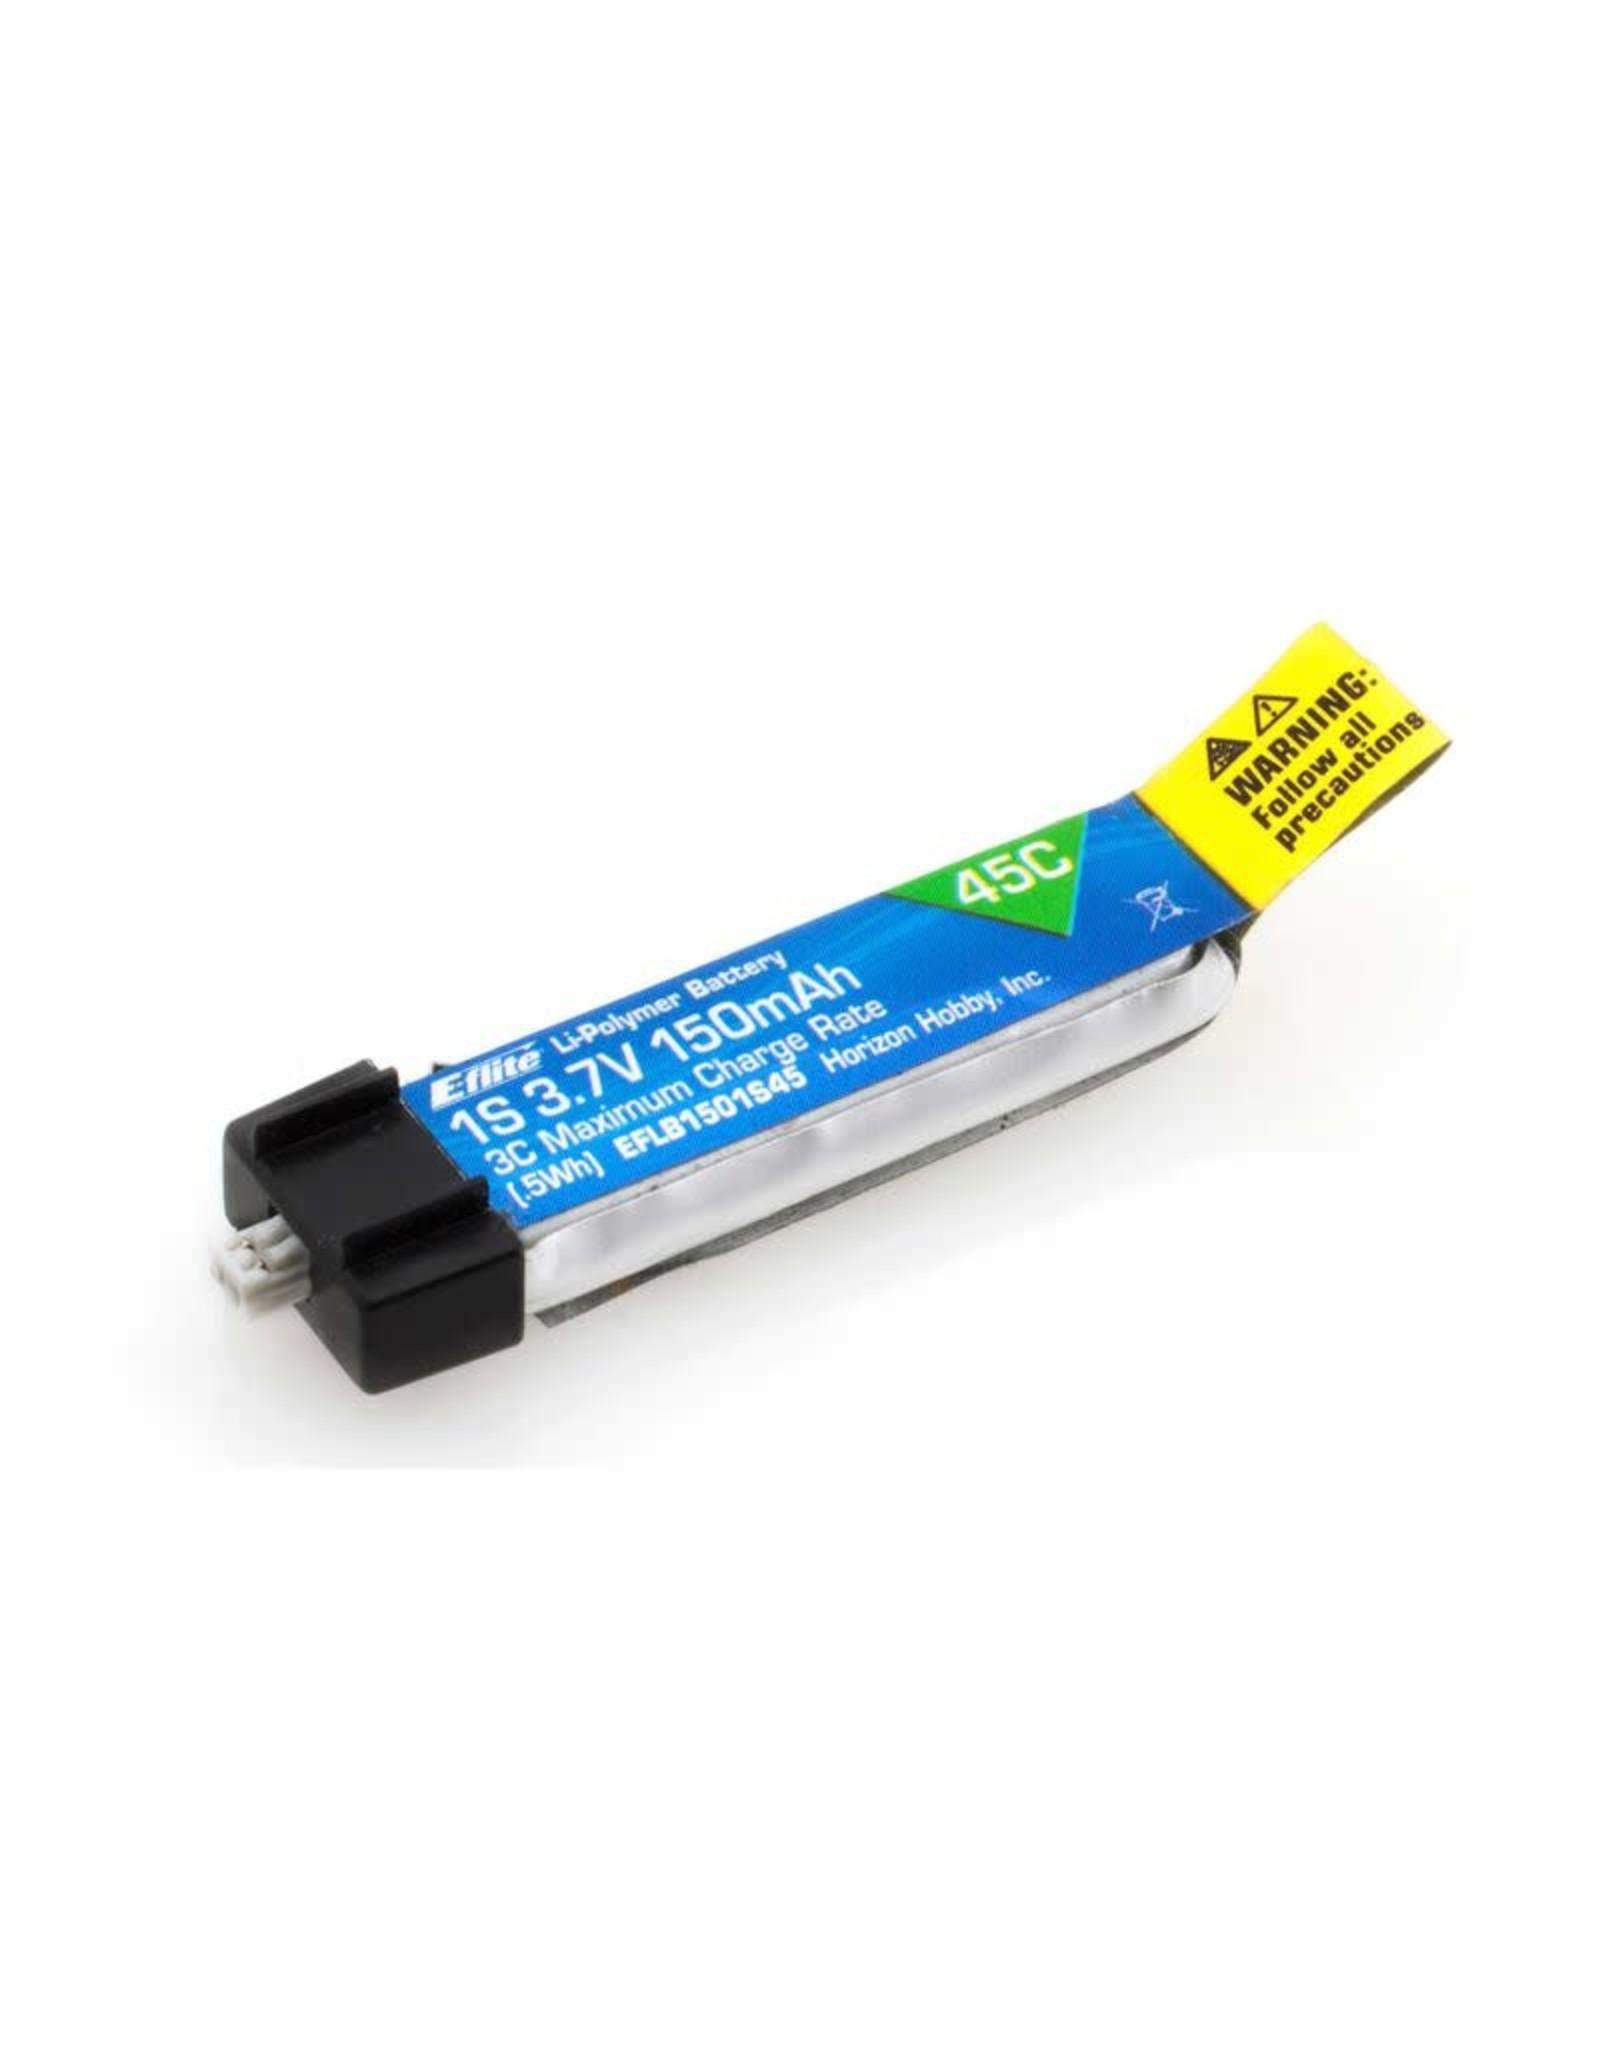 EFL 150mAh 1S 3.7V 45C LiPo Battery